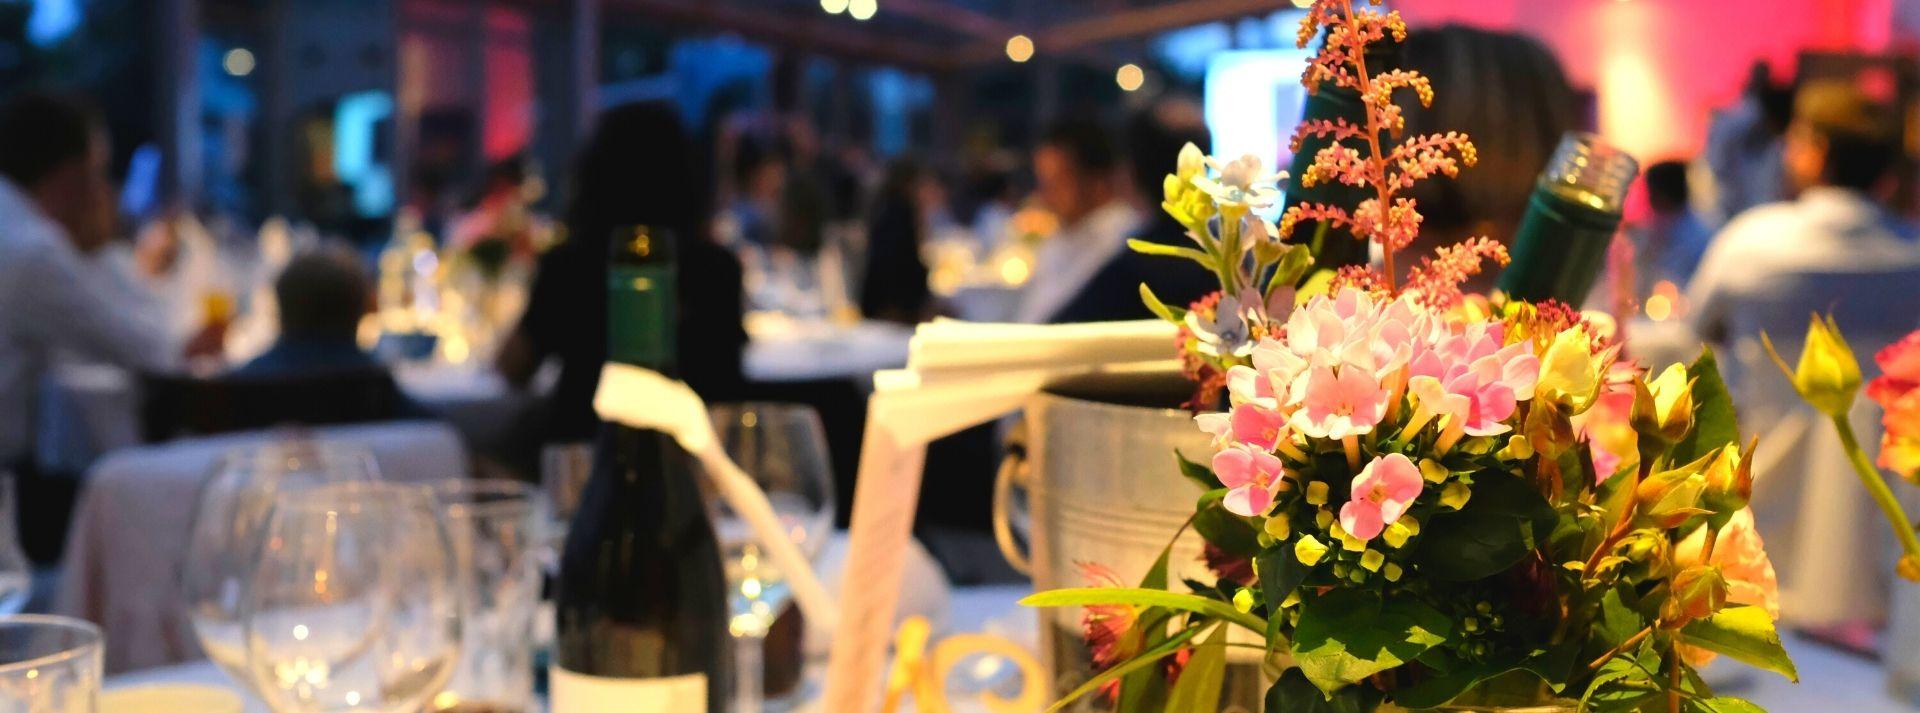 Événementiel, Événementielle, Prestataires, Salons, Agence événementielle, Organisation d événements, Animations, Organiser un événement, Team-building, Séminaires, Organisateur, Événementielles, Traiteur, Événementiels, Incentive, Convives, Cocktail, Chef de projet, Événements professionnels, Communication événementielle, Agences événementielles, Projet événementiel, Fédérer, Organisation d un évènement, Retombées, Agence d événementiel, Mesure des événements, Types d événement, Organiser vos événements, Cocktails, Votre budget, Entreprise d événementiel, Agence de communication, Soirée d entreprise, Salons professionnels, Organisez un événement, Média, Festivals, Structure événementielle, Relations publiques, Types d évènements, Organiser des événements, Bachelor, Traiteurs, Événementiel d entreprise, Organisation de vos événements, Évènement professionnel, Notoriété, Clé-en-main, Évènements d entreprise, Corporate, Marquer les esprits, Stratégie de communication, Sonorisation, Innov, Atypique, Accueille des événements, Lancement de produit, Organise des événements, Soirées événementielles, Tourisme d affaires, Sites événementiels, Incentives, Animation événementielle, Dînatoire, Événements privés, Réceptions, Organisation de séminaires, Invitations, Manifestations événementielles, Création d événements, Présentations, Évènement d entreprise, Organisation de séminaire, Projets événementiels, Digitale, Lieu événementiel, Séminaire d entreprise, Organiser des séminaires, Organisation événementielle, Planner, Nouveau produit, Événements privés ou professionnels, Prestataire événementiel, Scénographie, Mariages, La logistique, Sponsoring, Organisant des événements, Modulables, Soirées d entreprise, Attentes des organisateurs, Organisation de soirées, Faire de votre événement, Organisateur d événements, Différents types d événements, Produit l événement, Mettre en place des événements, Business-plan, Cours d un événement, Gl events, Organisation du congrès, Tourisme d 